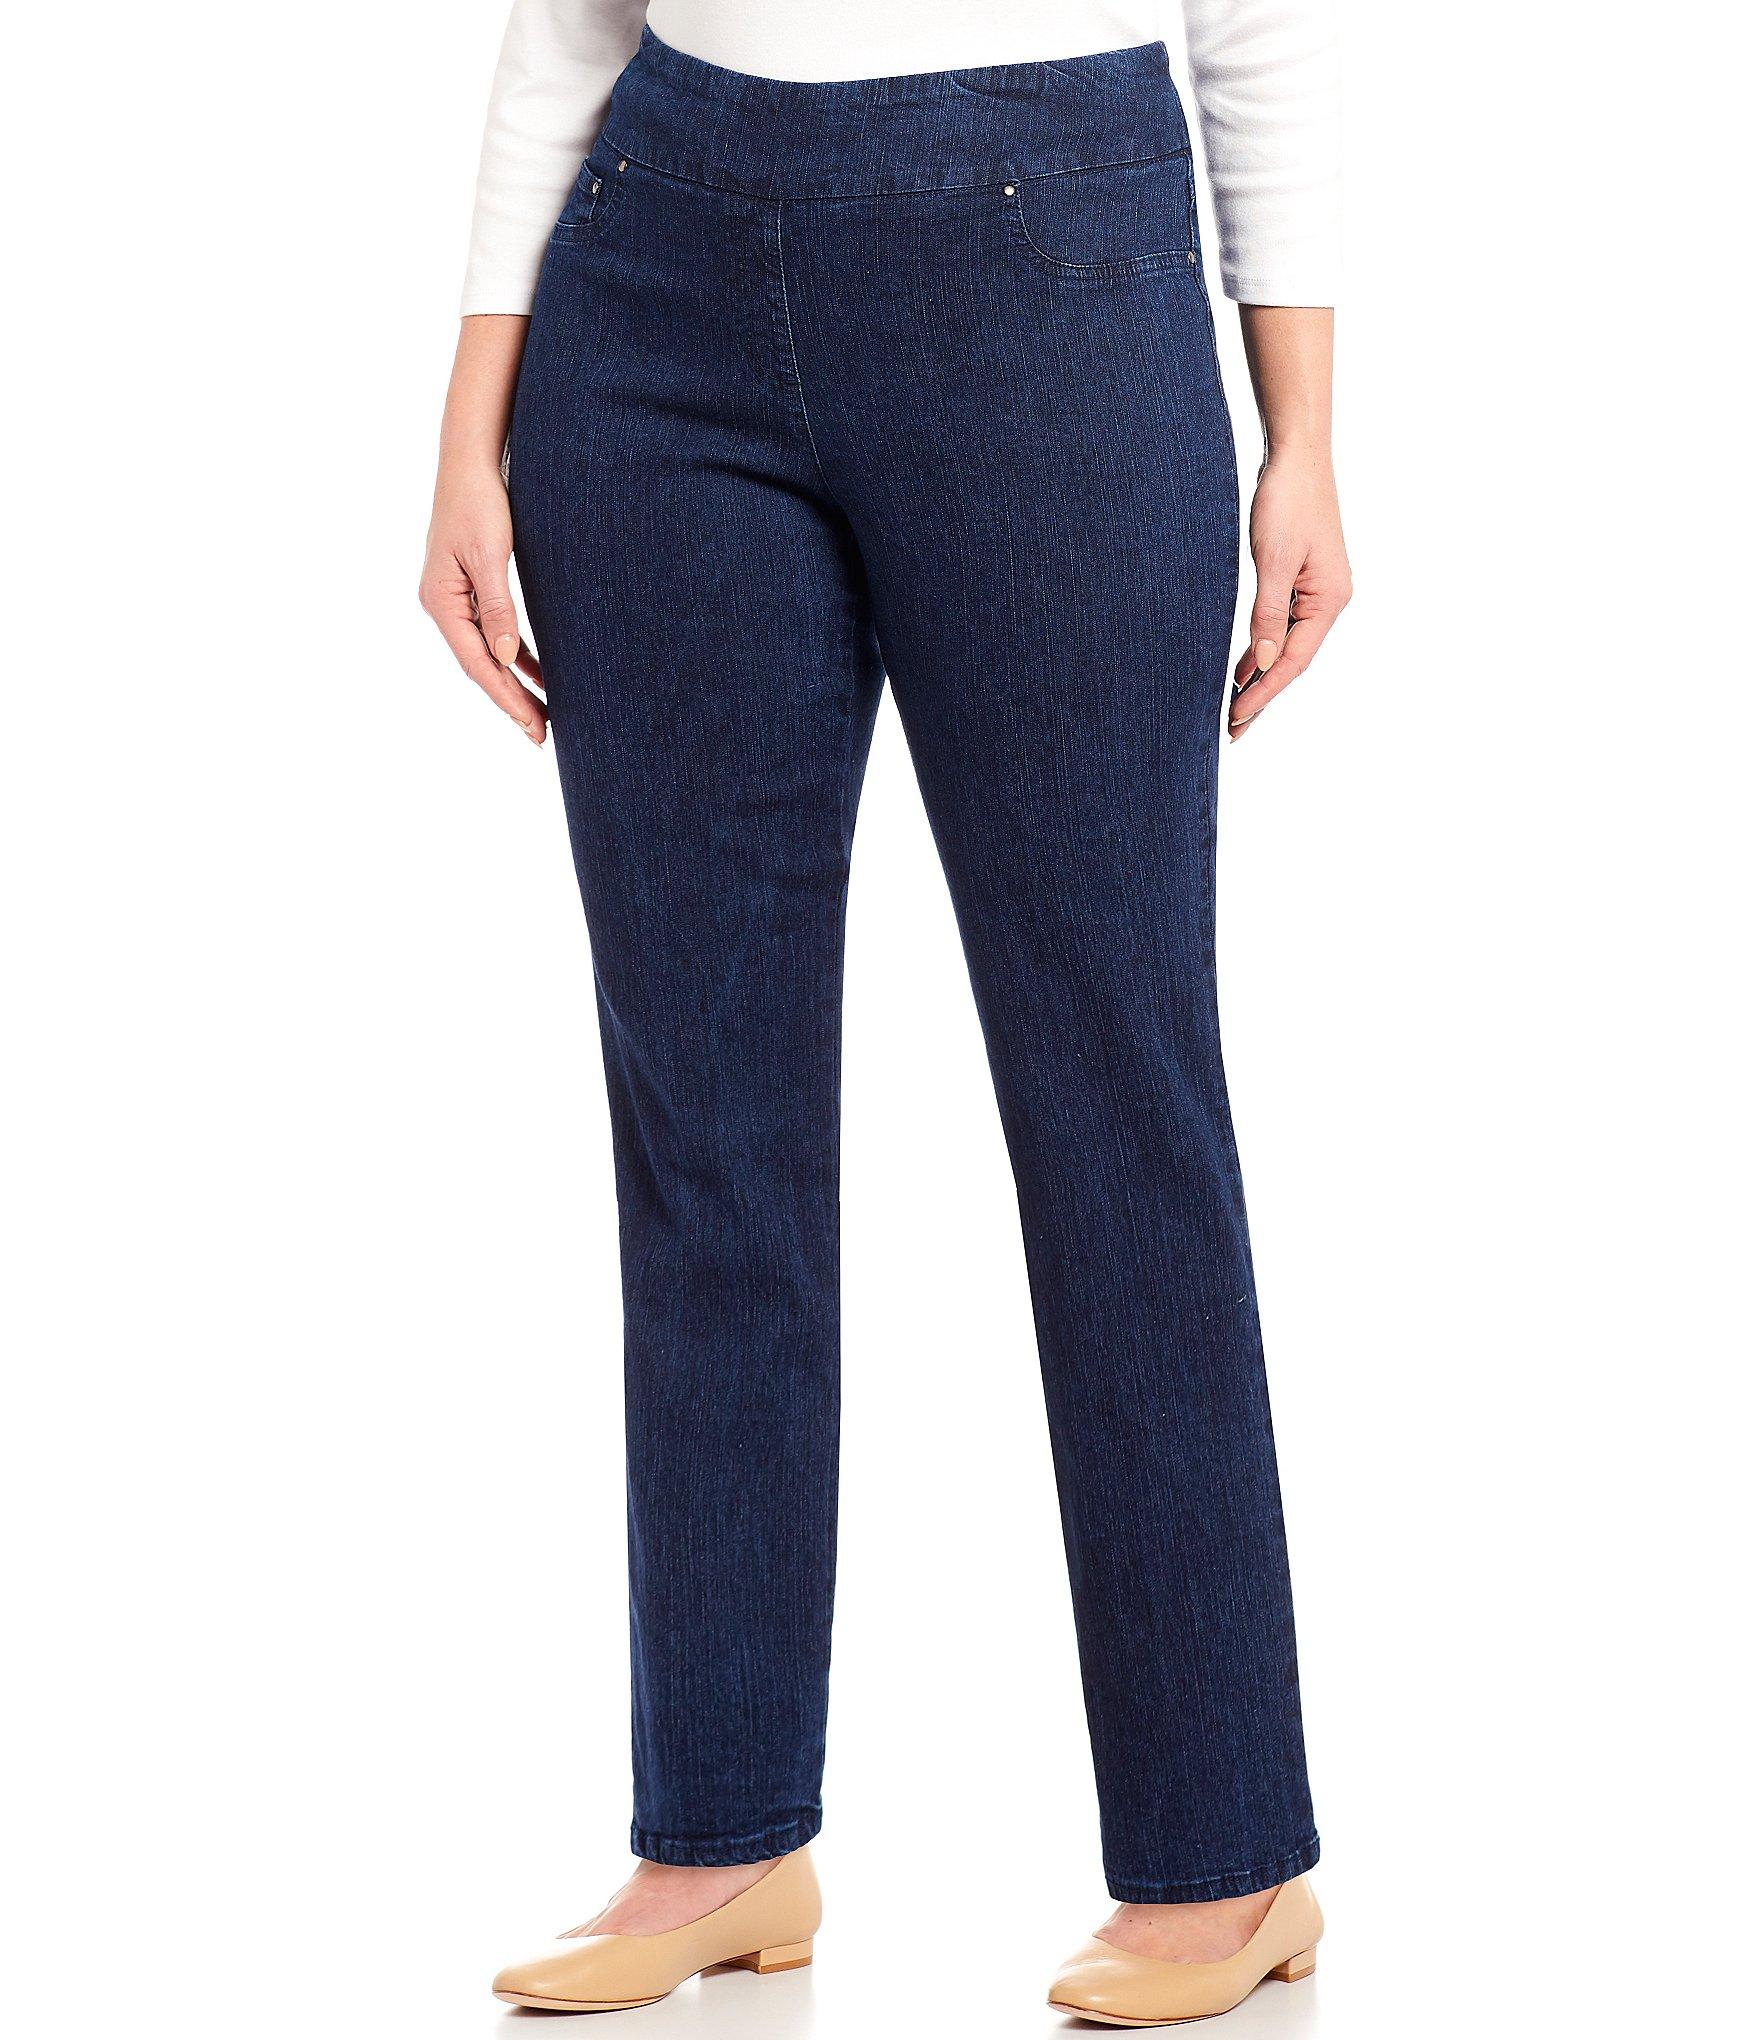 7971154b60c Blue Plus-Size Straight-Leg Jeans